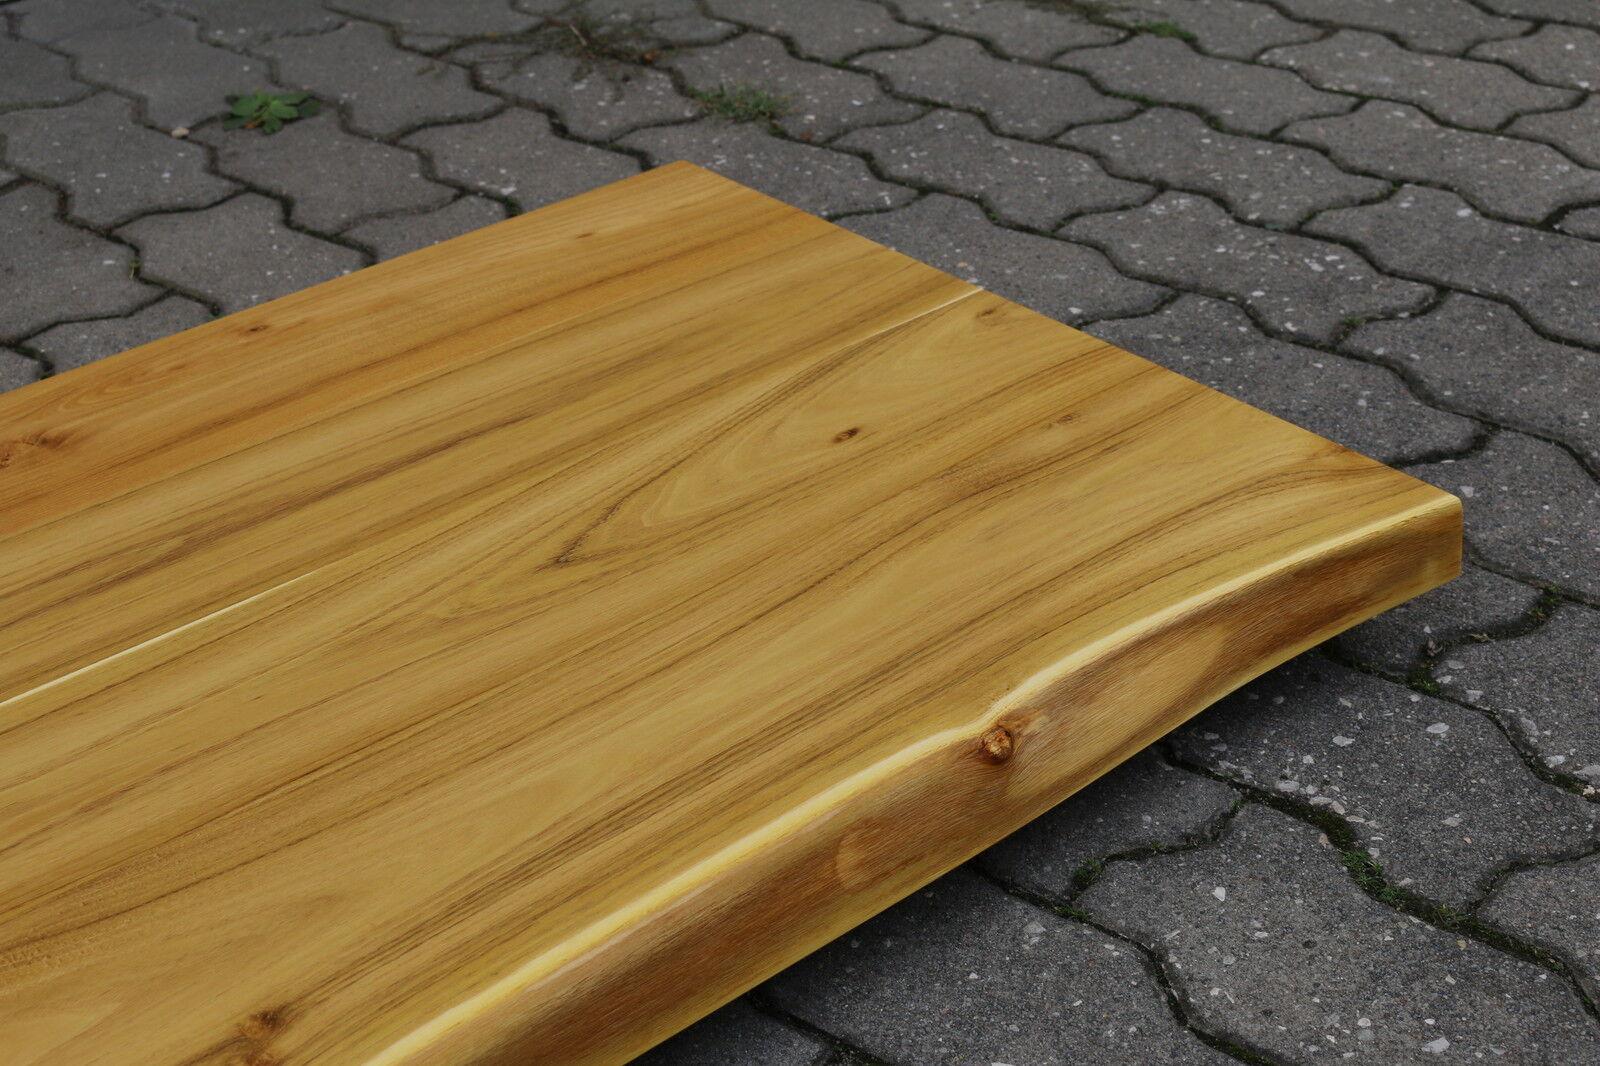 waschtisch tischplatte platte akazie massiv holz mit baumkante neu leimholz chf. Black Bedroom Furniture Sets. Home Design Ideas